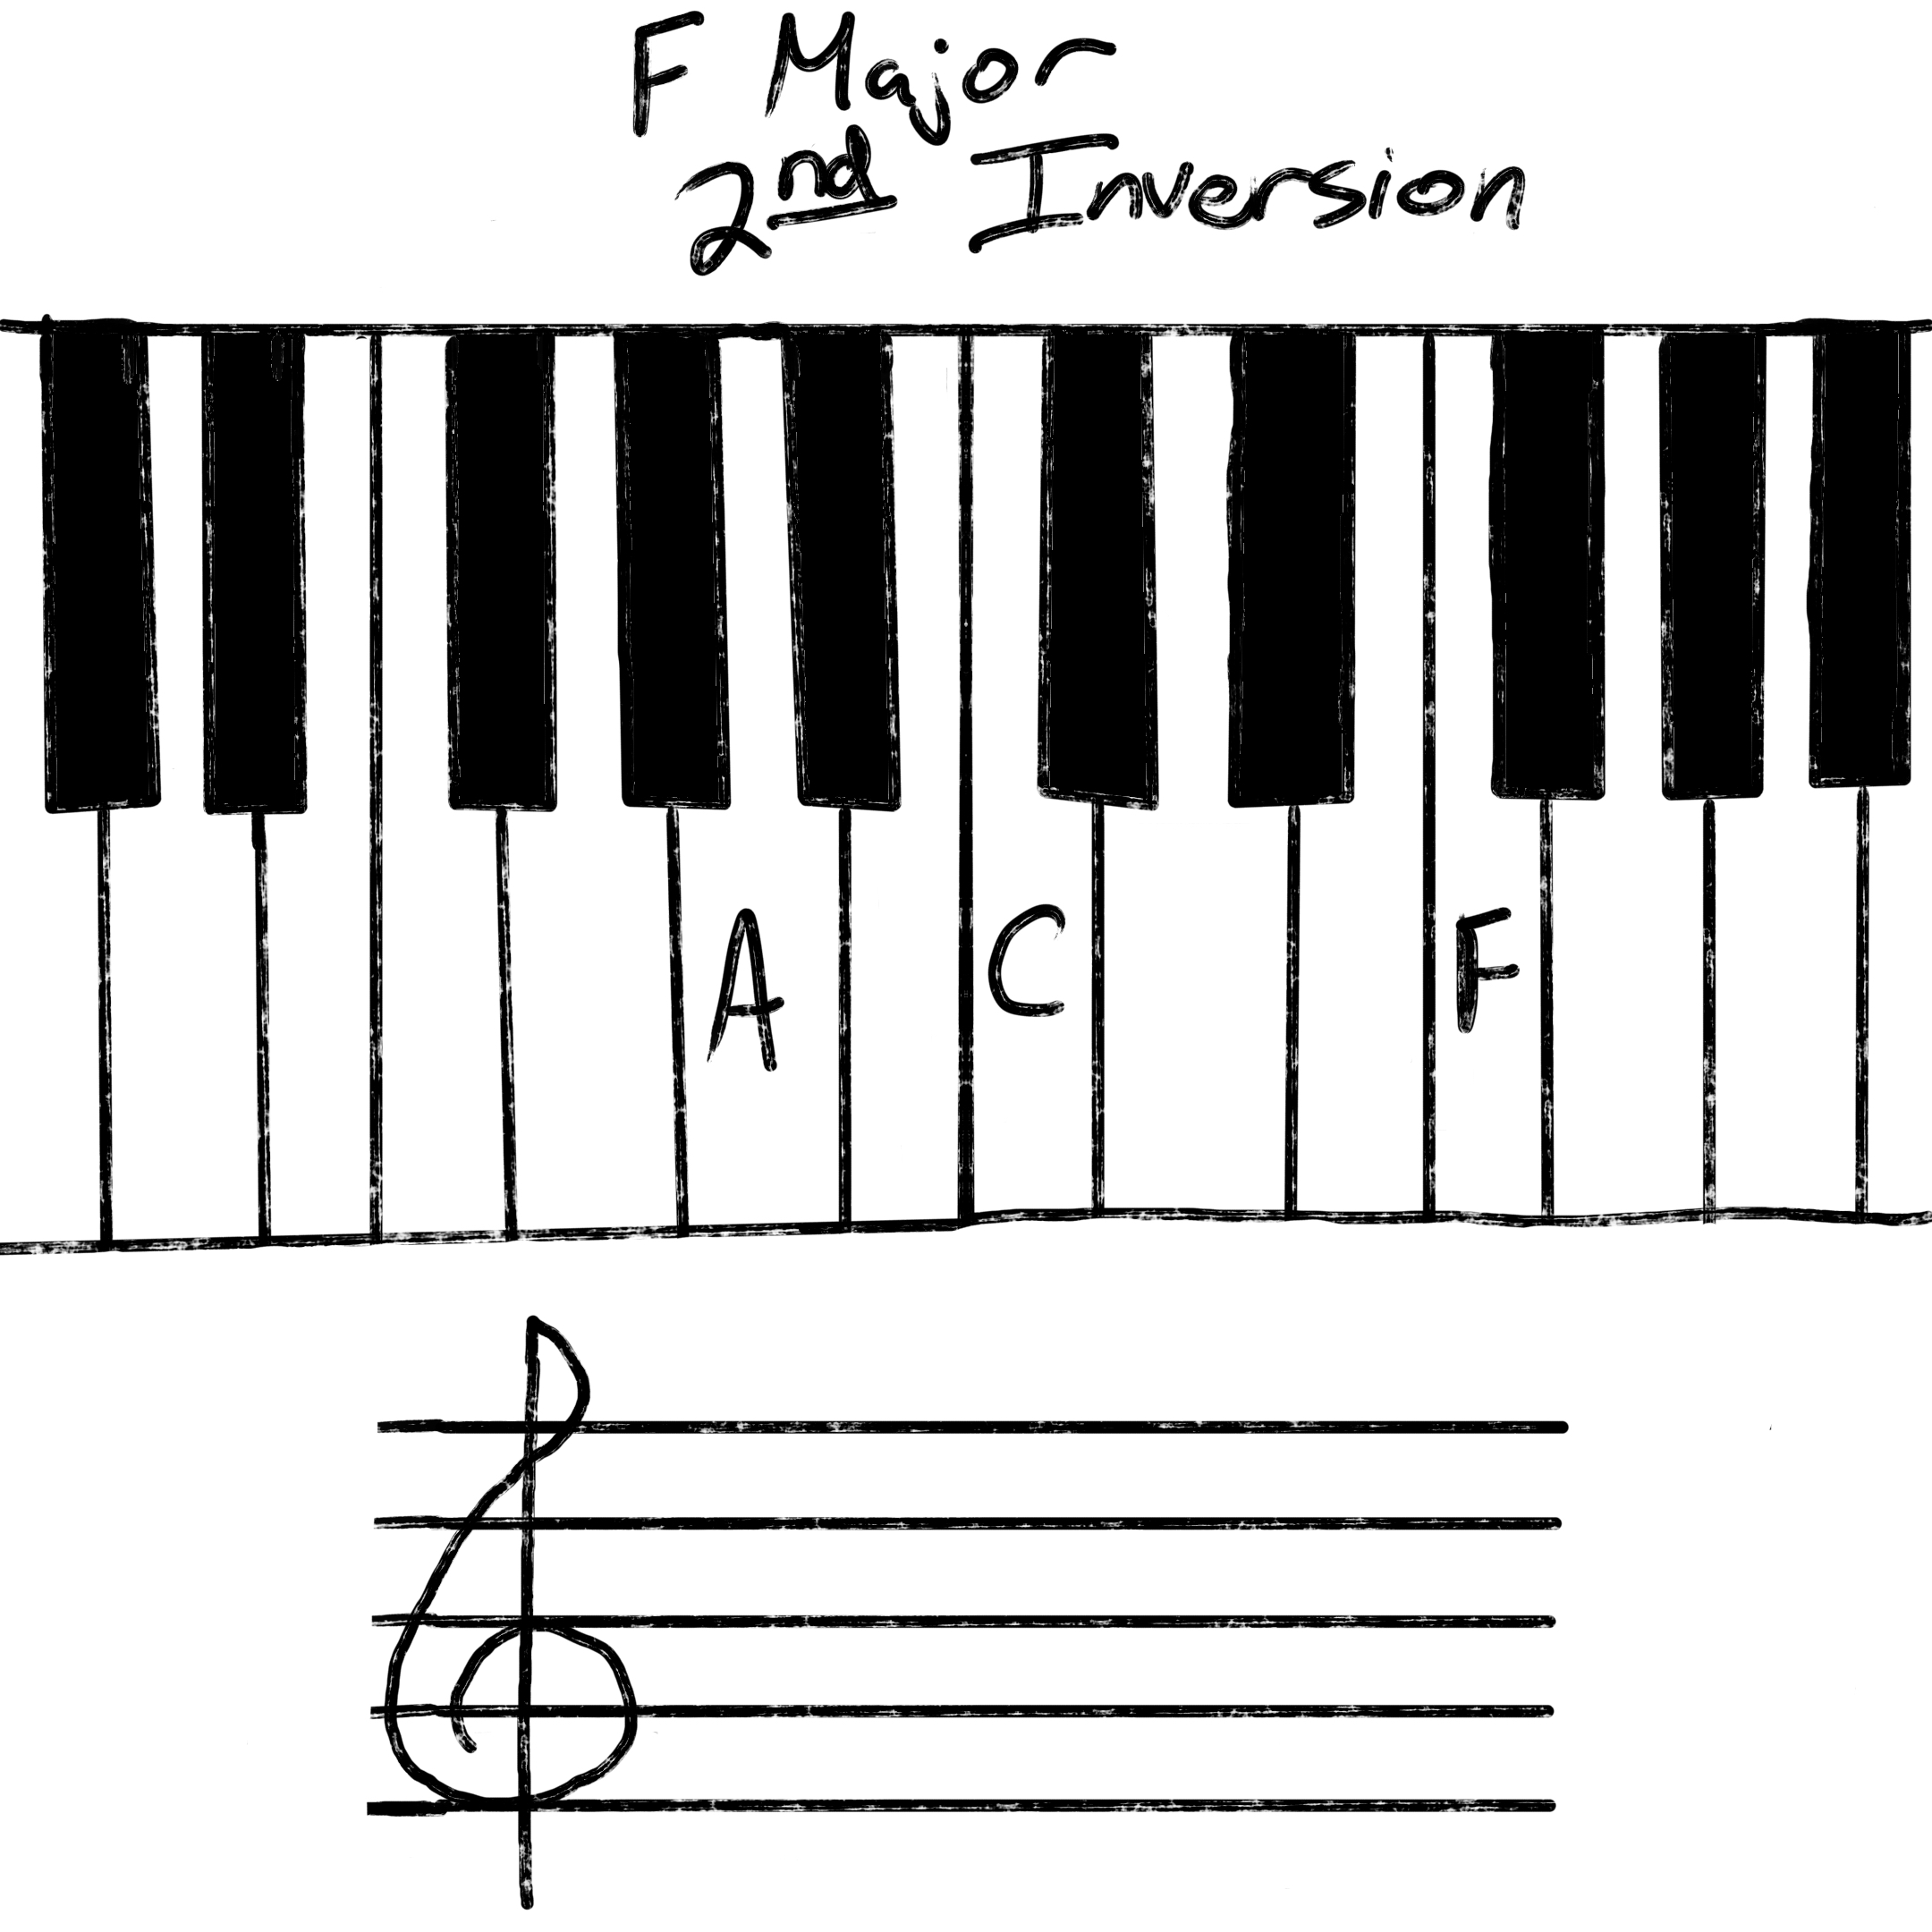 F major second inversion